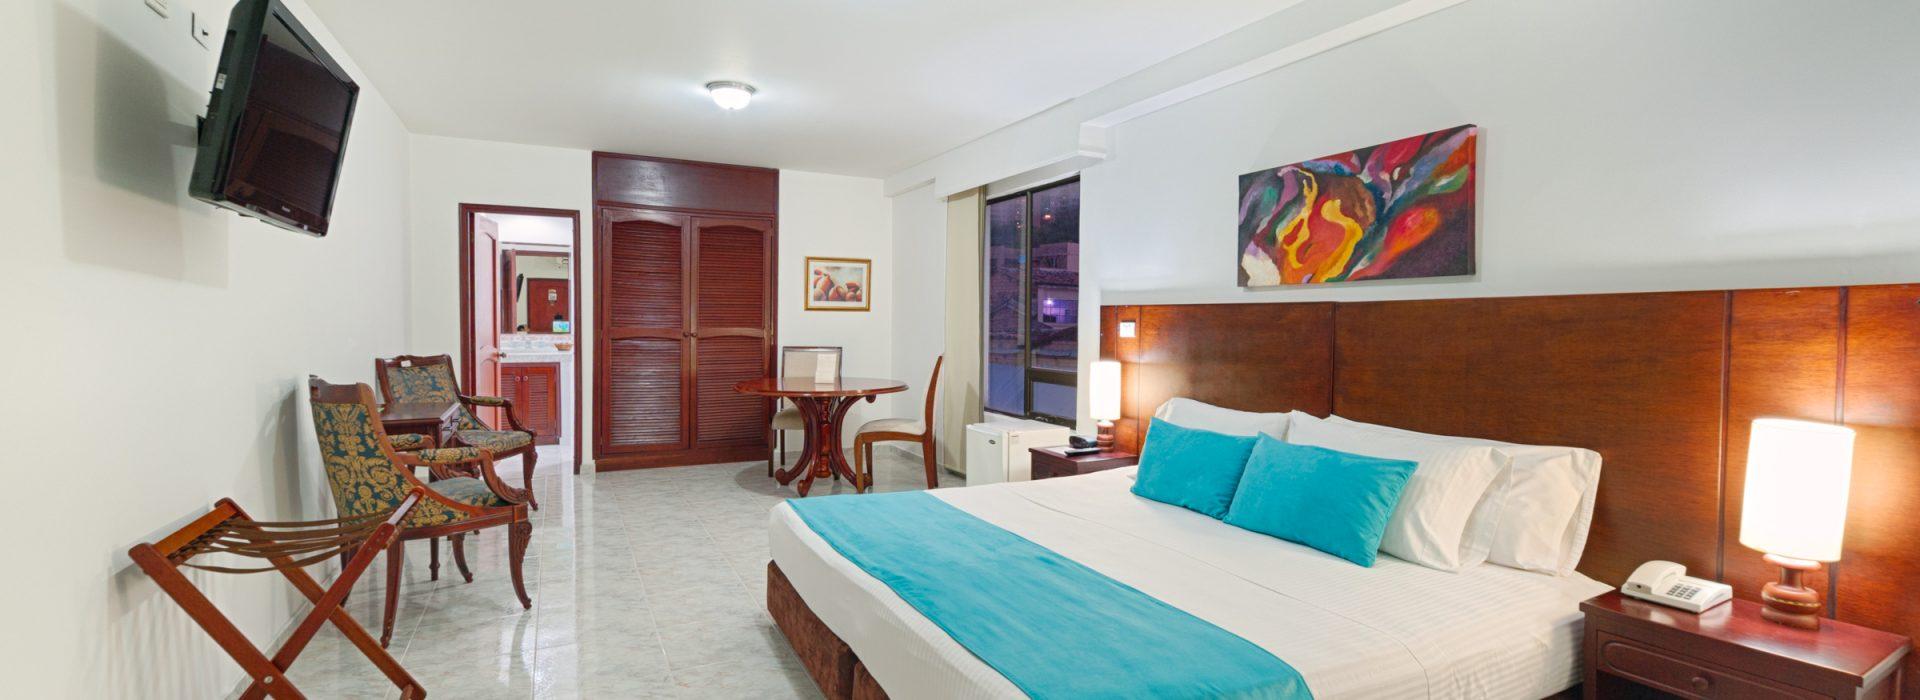 El Hotel Granada Real en la ciudad de Cali ofrece 6 tipos de acomodaciones en 59 habitaciones.